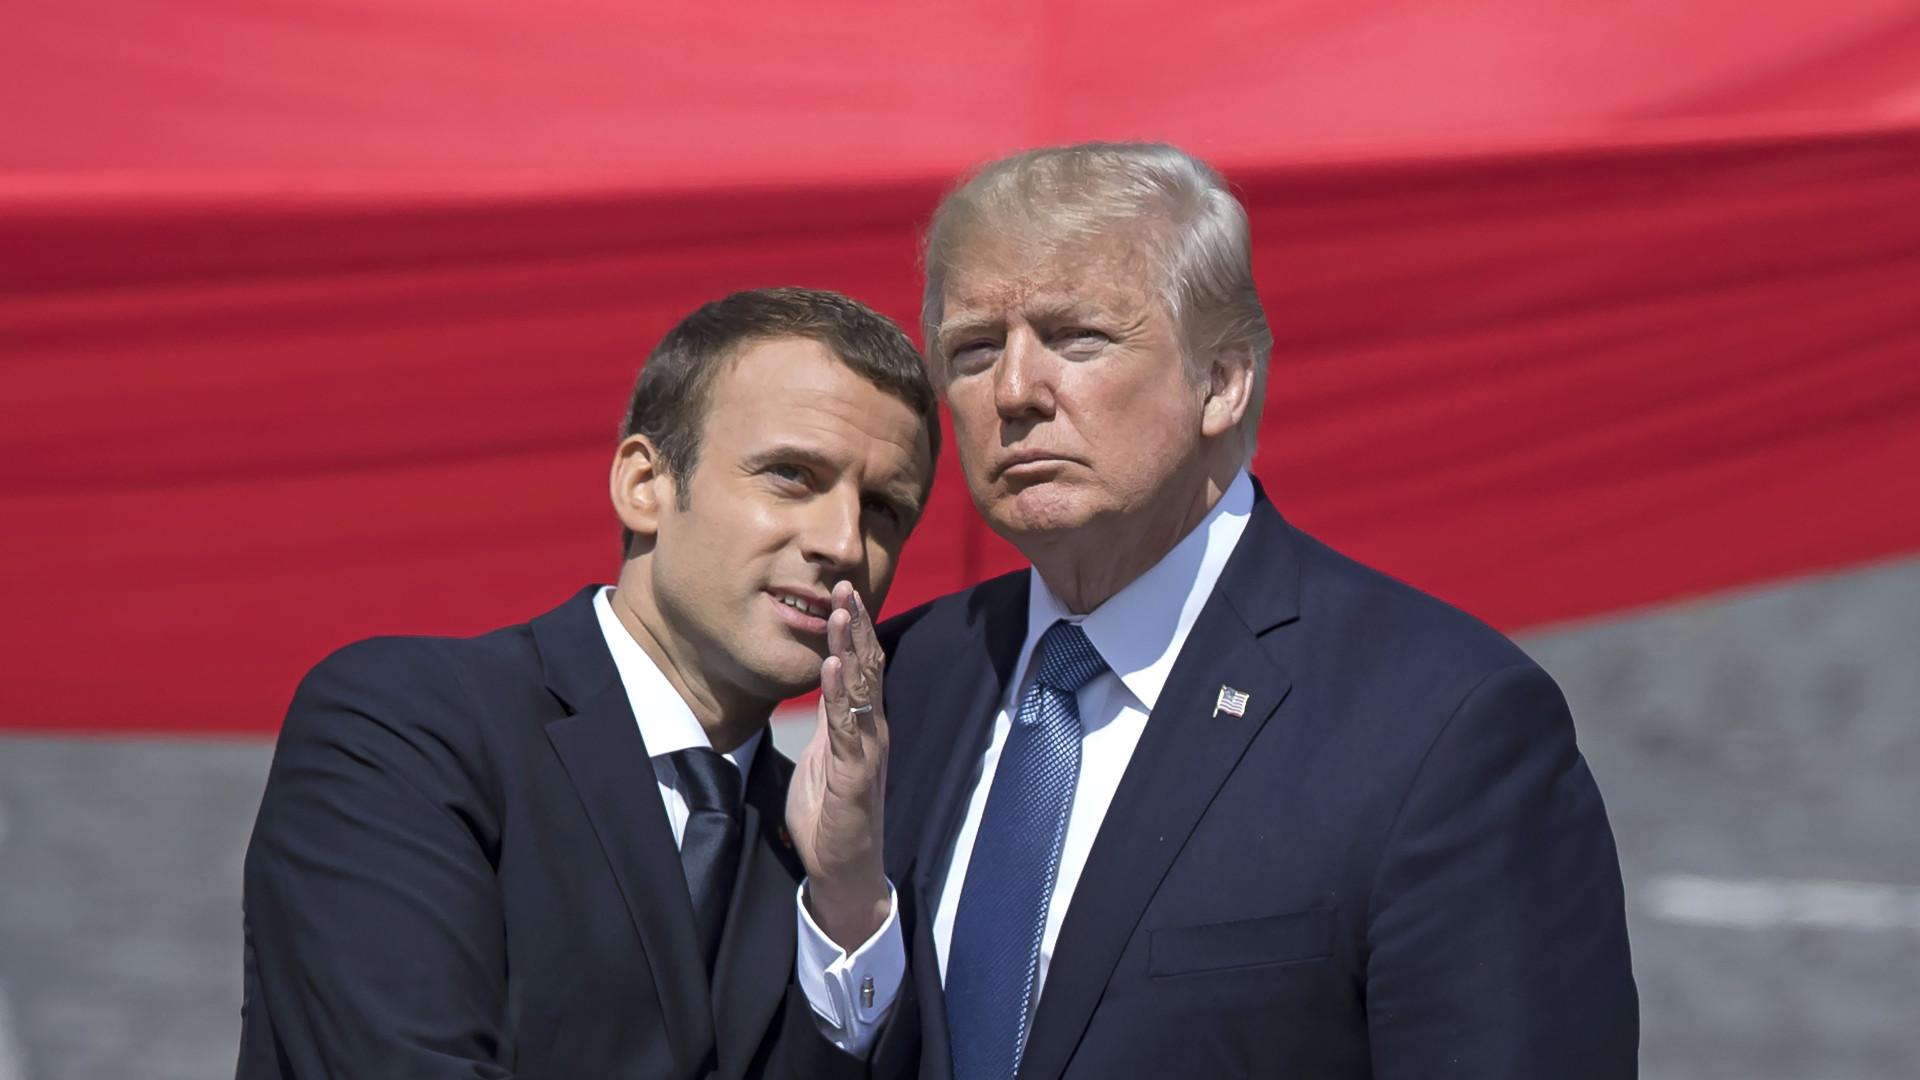 França tem provas que governo sírio usou armas químicas — Macron